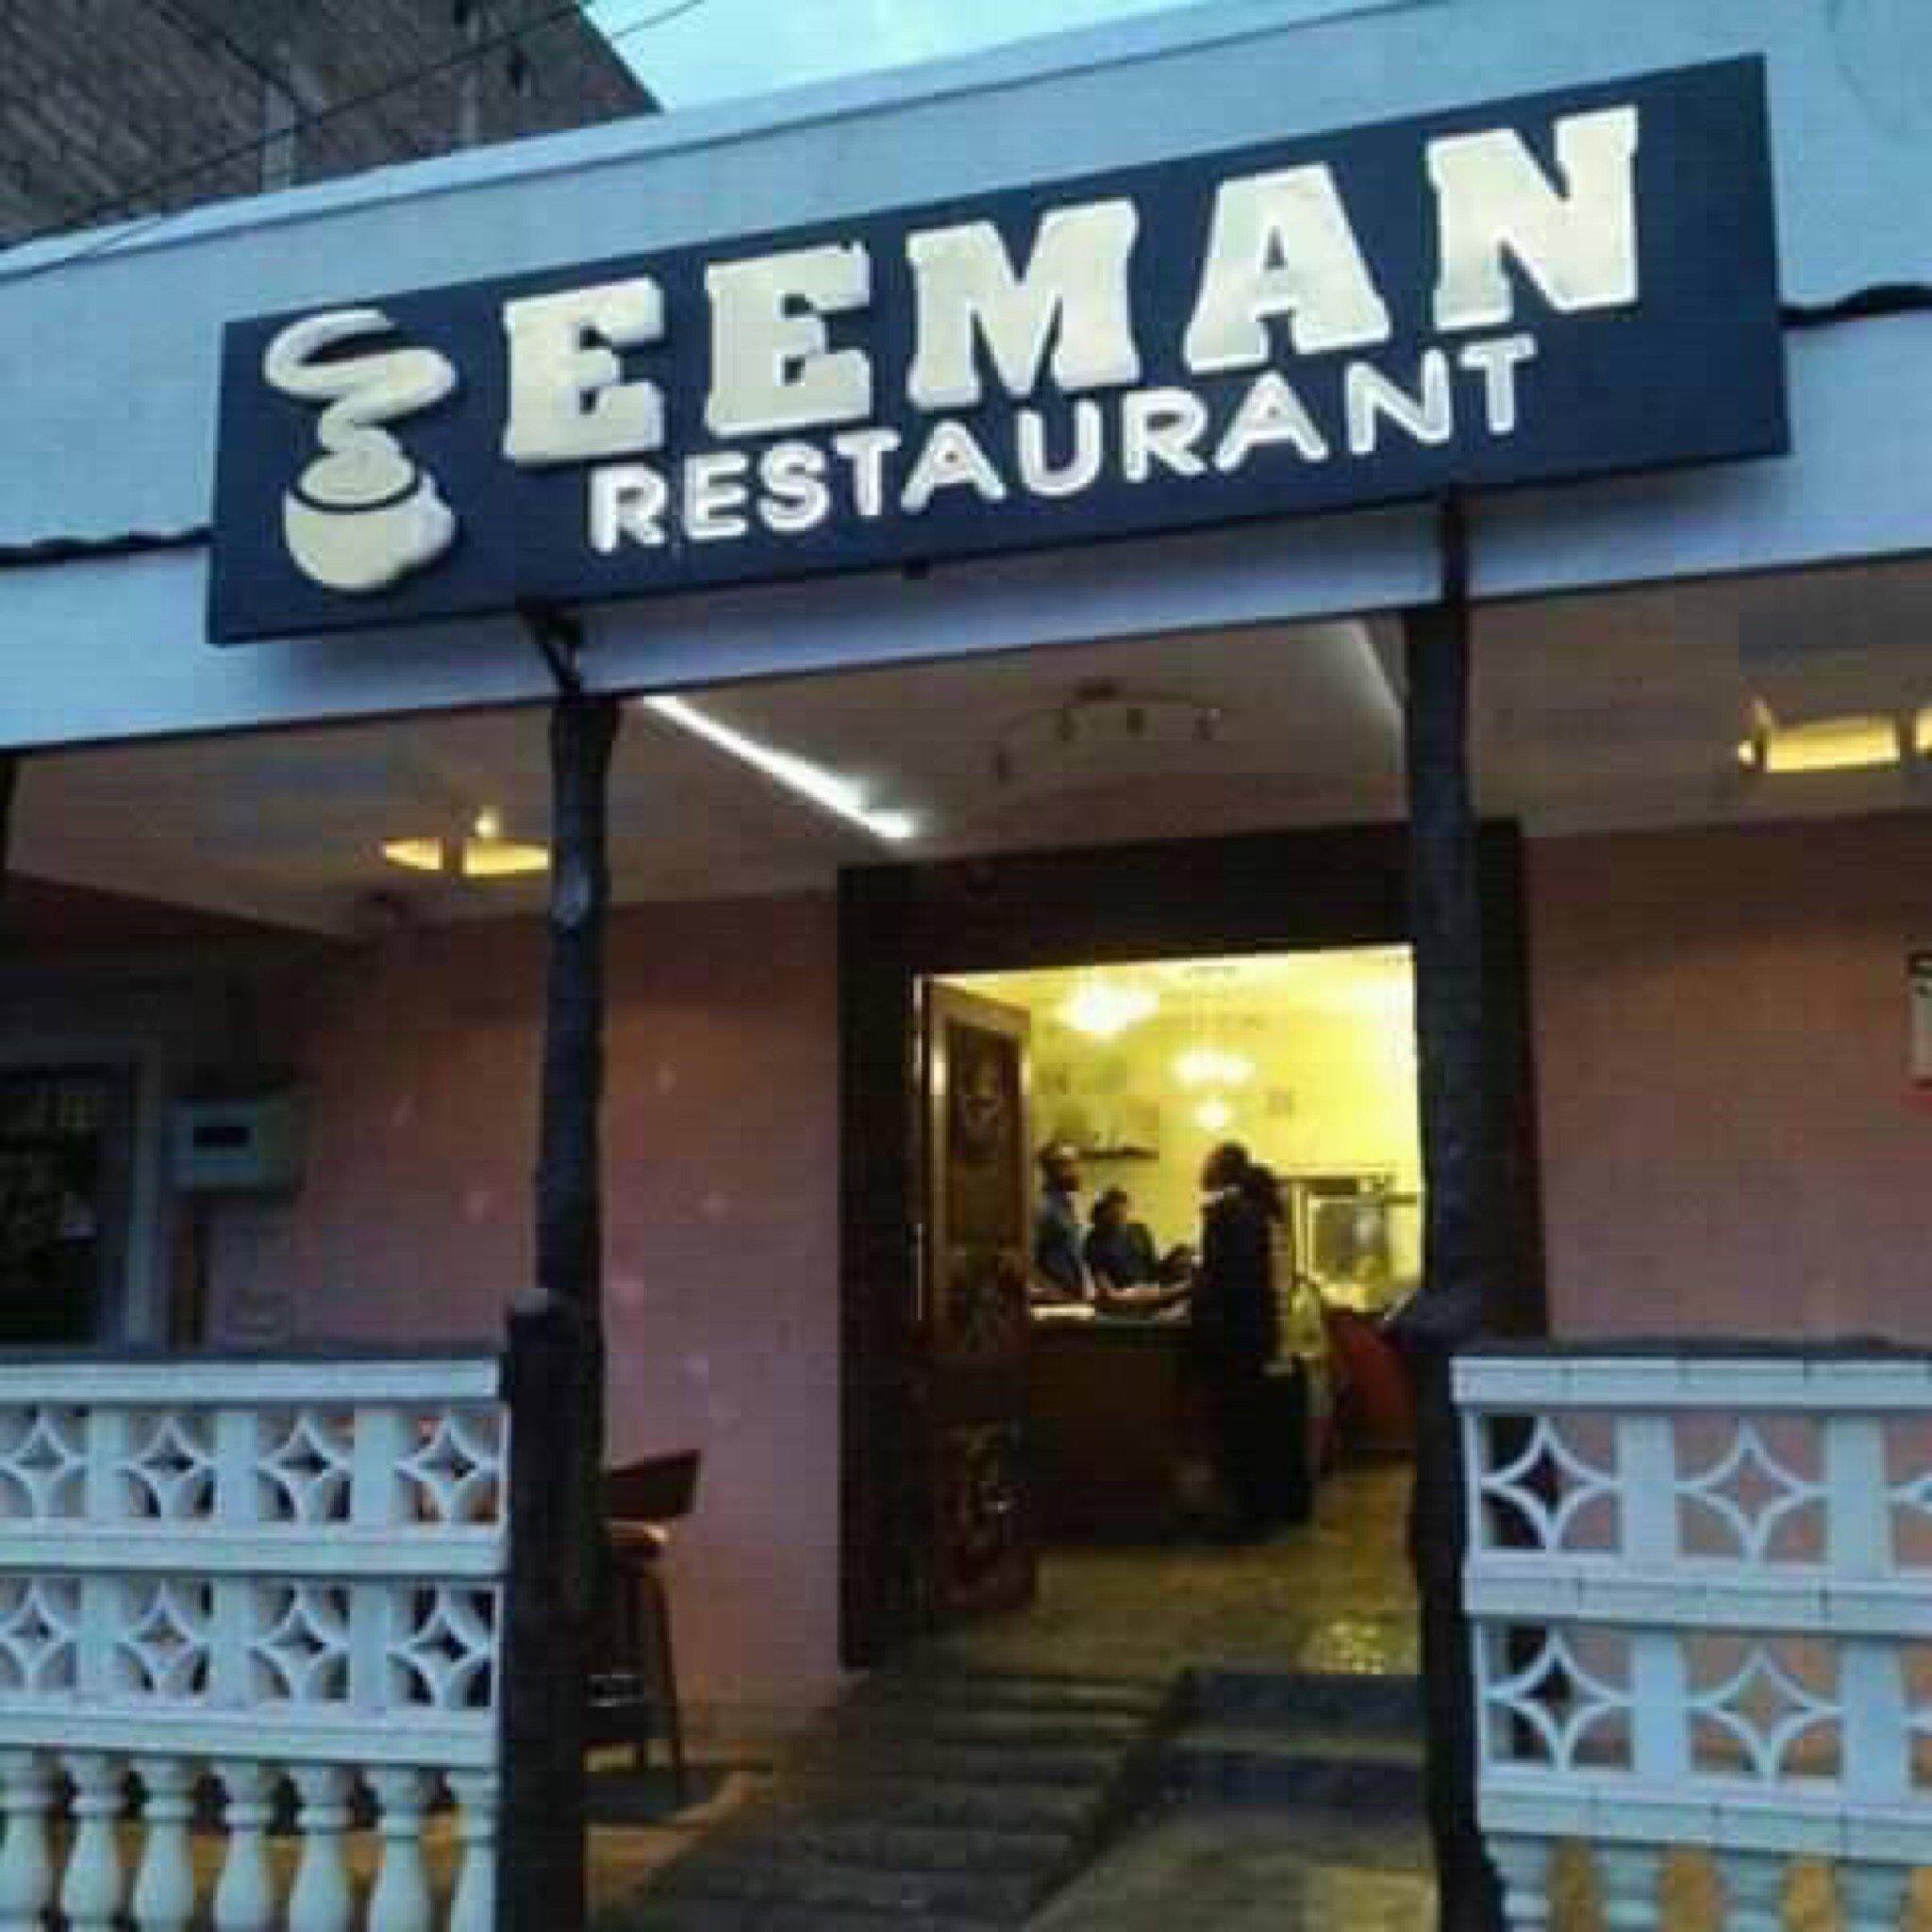 Eeman Restaurant